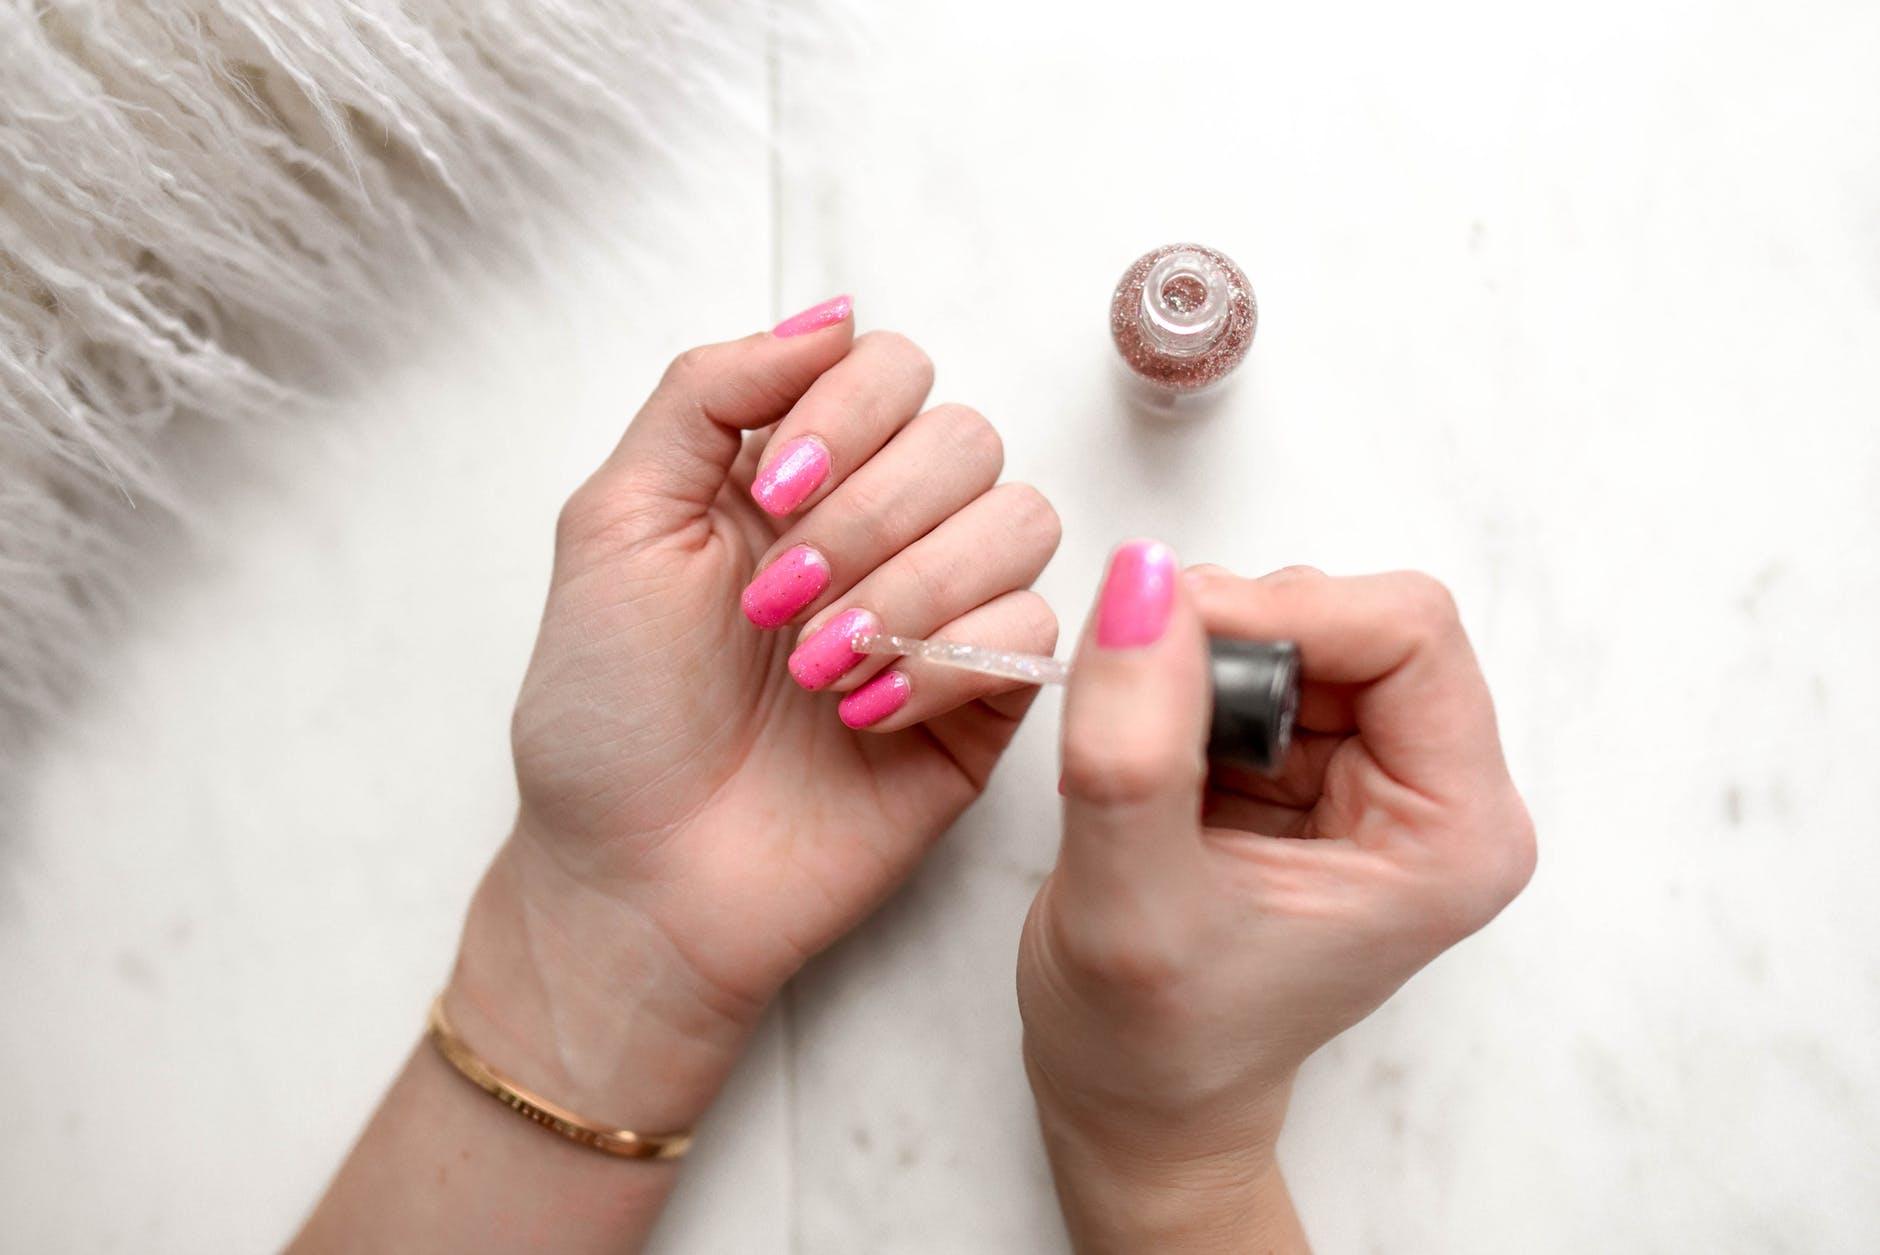 Czy manicure hybrydowy jest rakotwórczy?